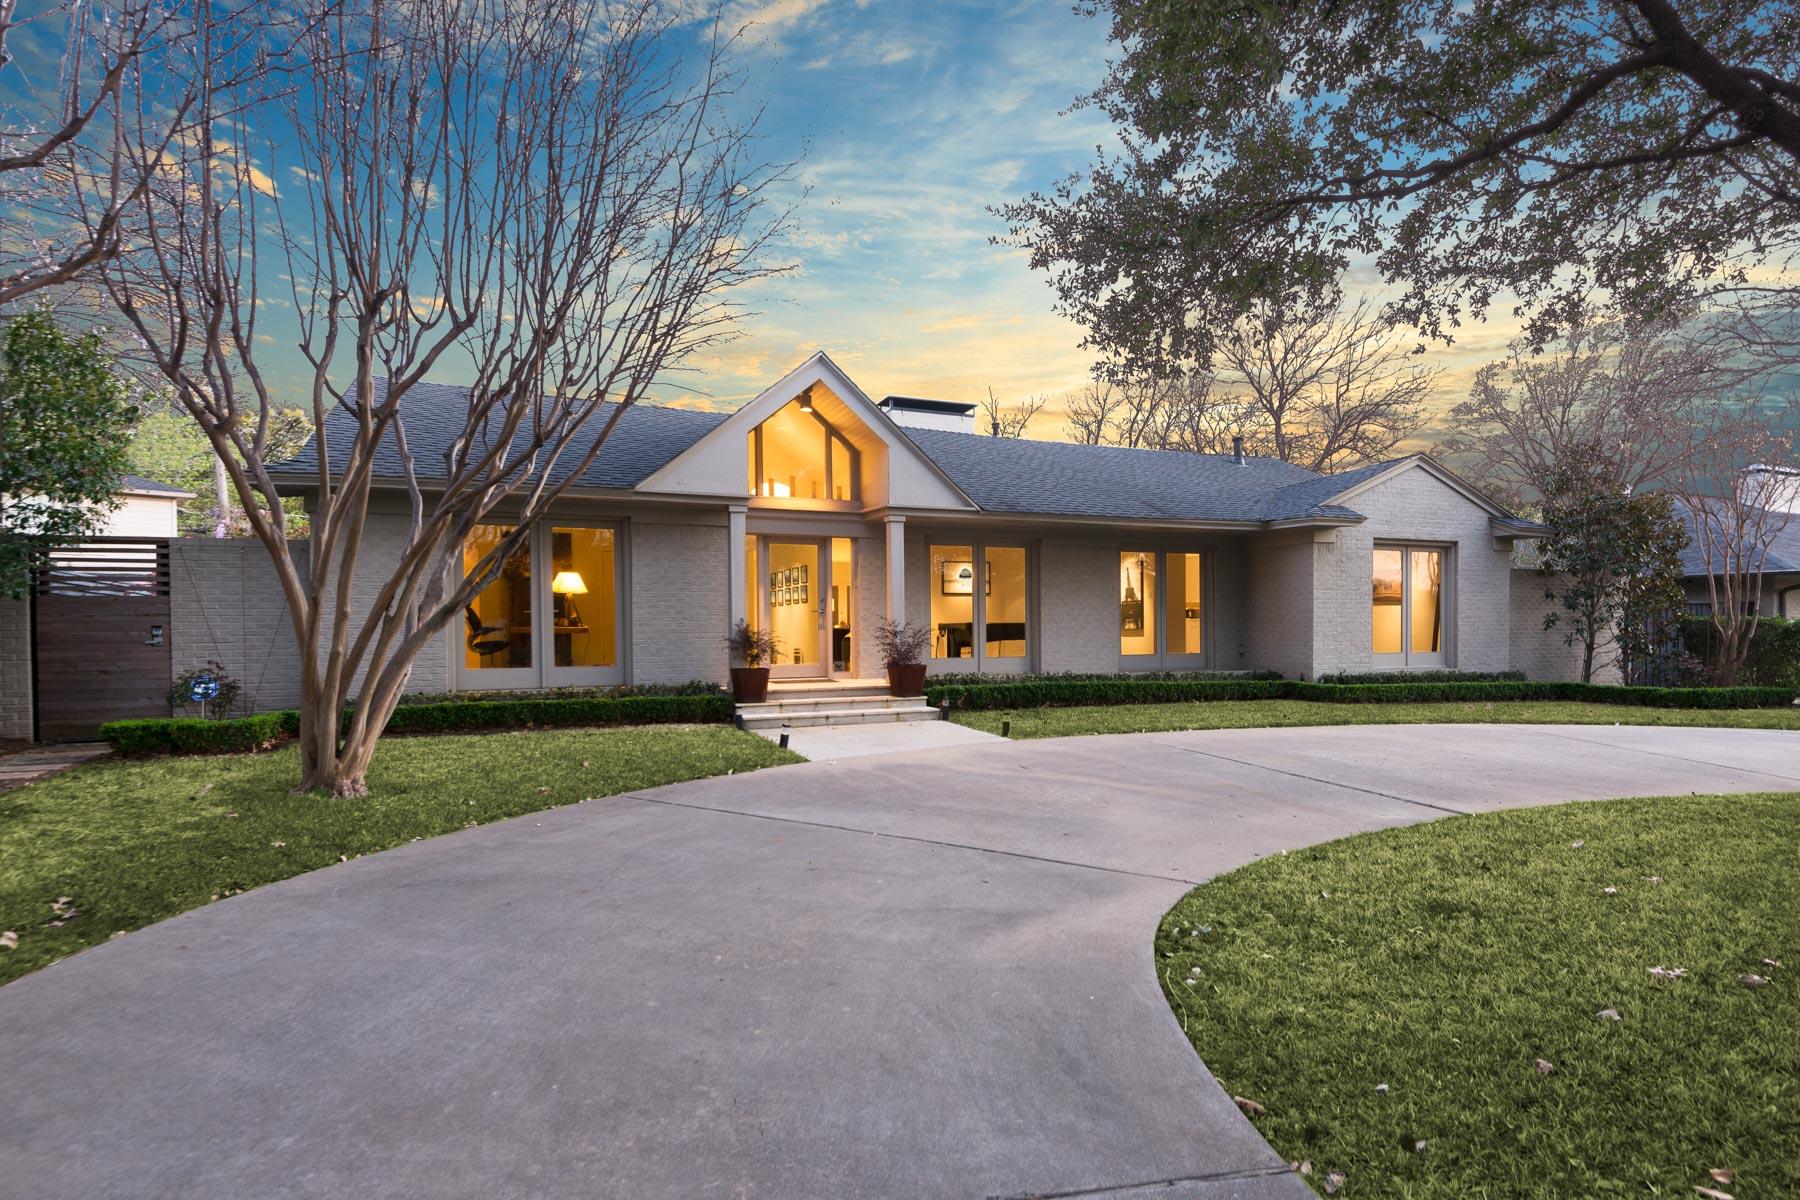 独户住宅 为 销售 在 Chic Contemporary 5210 Edmondson Ave 达拉斯, 得克萨斯州, 75209 美国